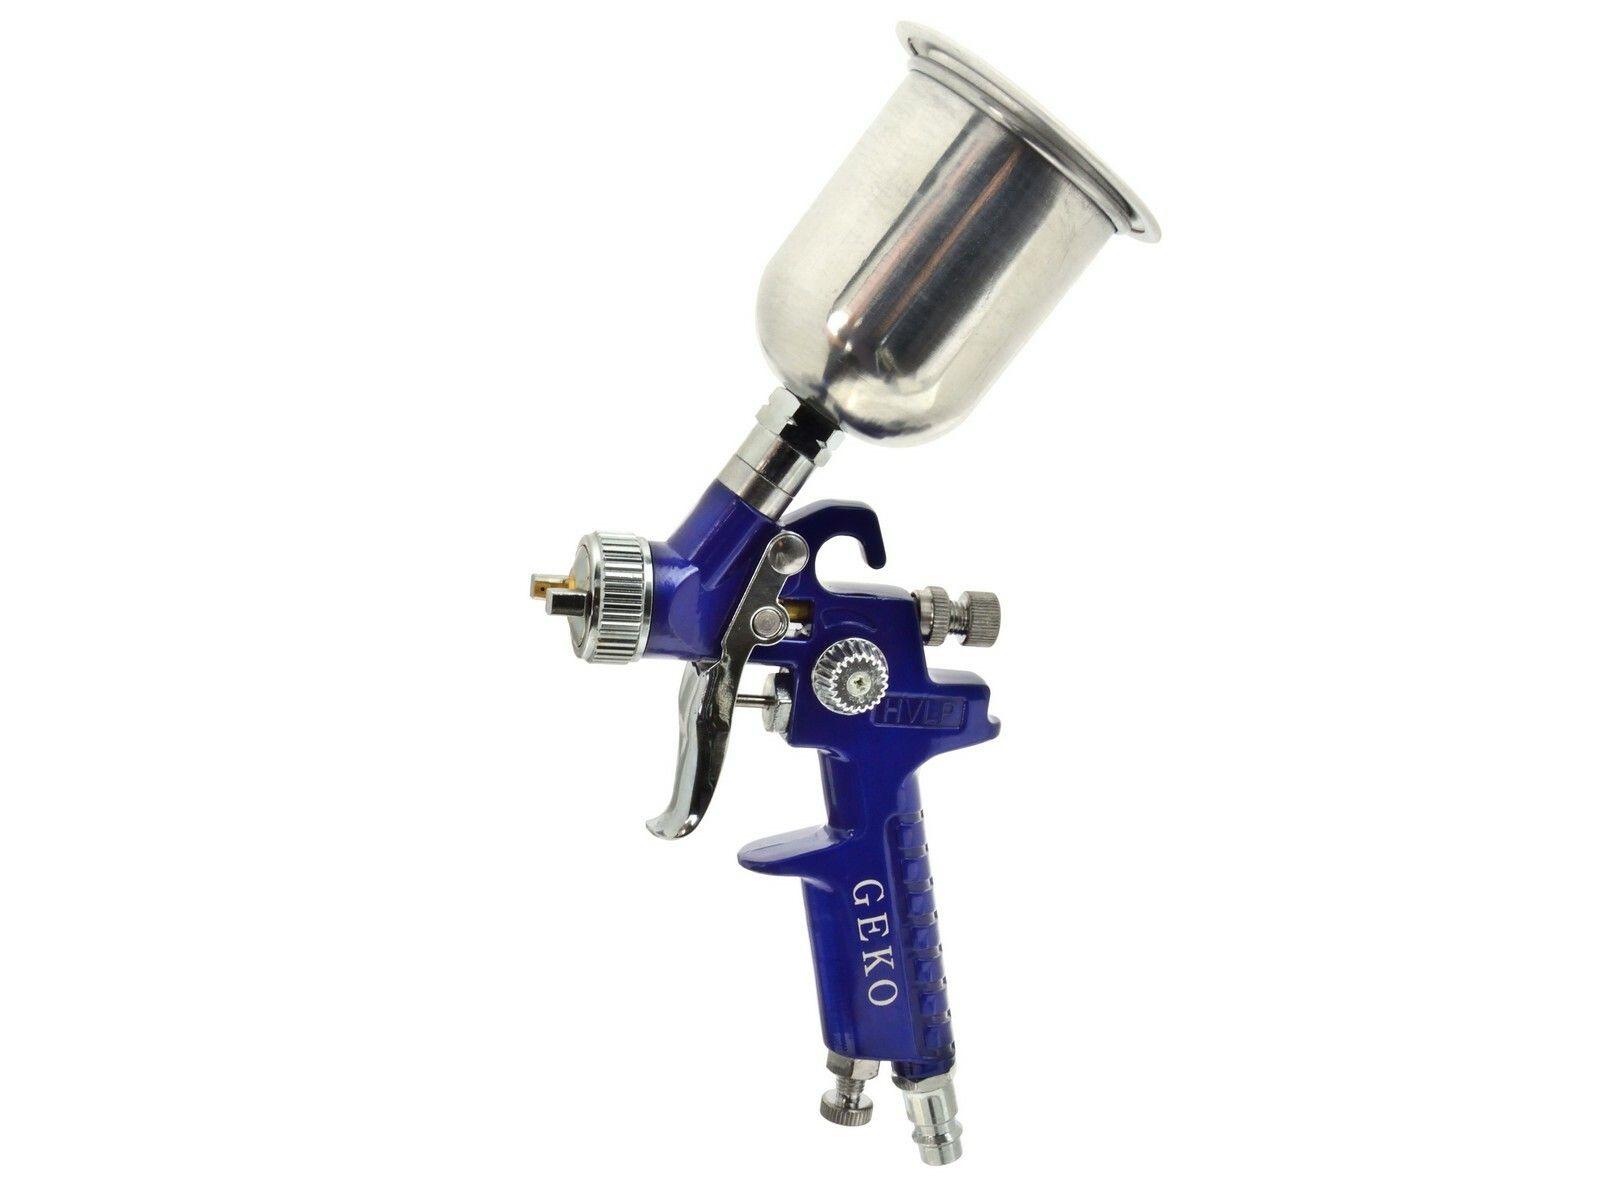 Stříkací pistole HVLP mini, kov. zásobník 150ml max. 3bar